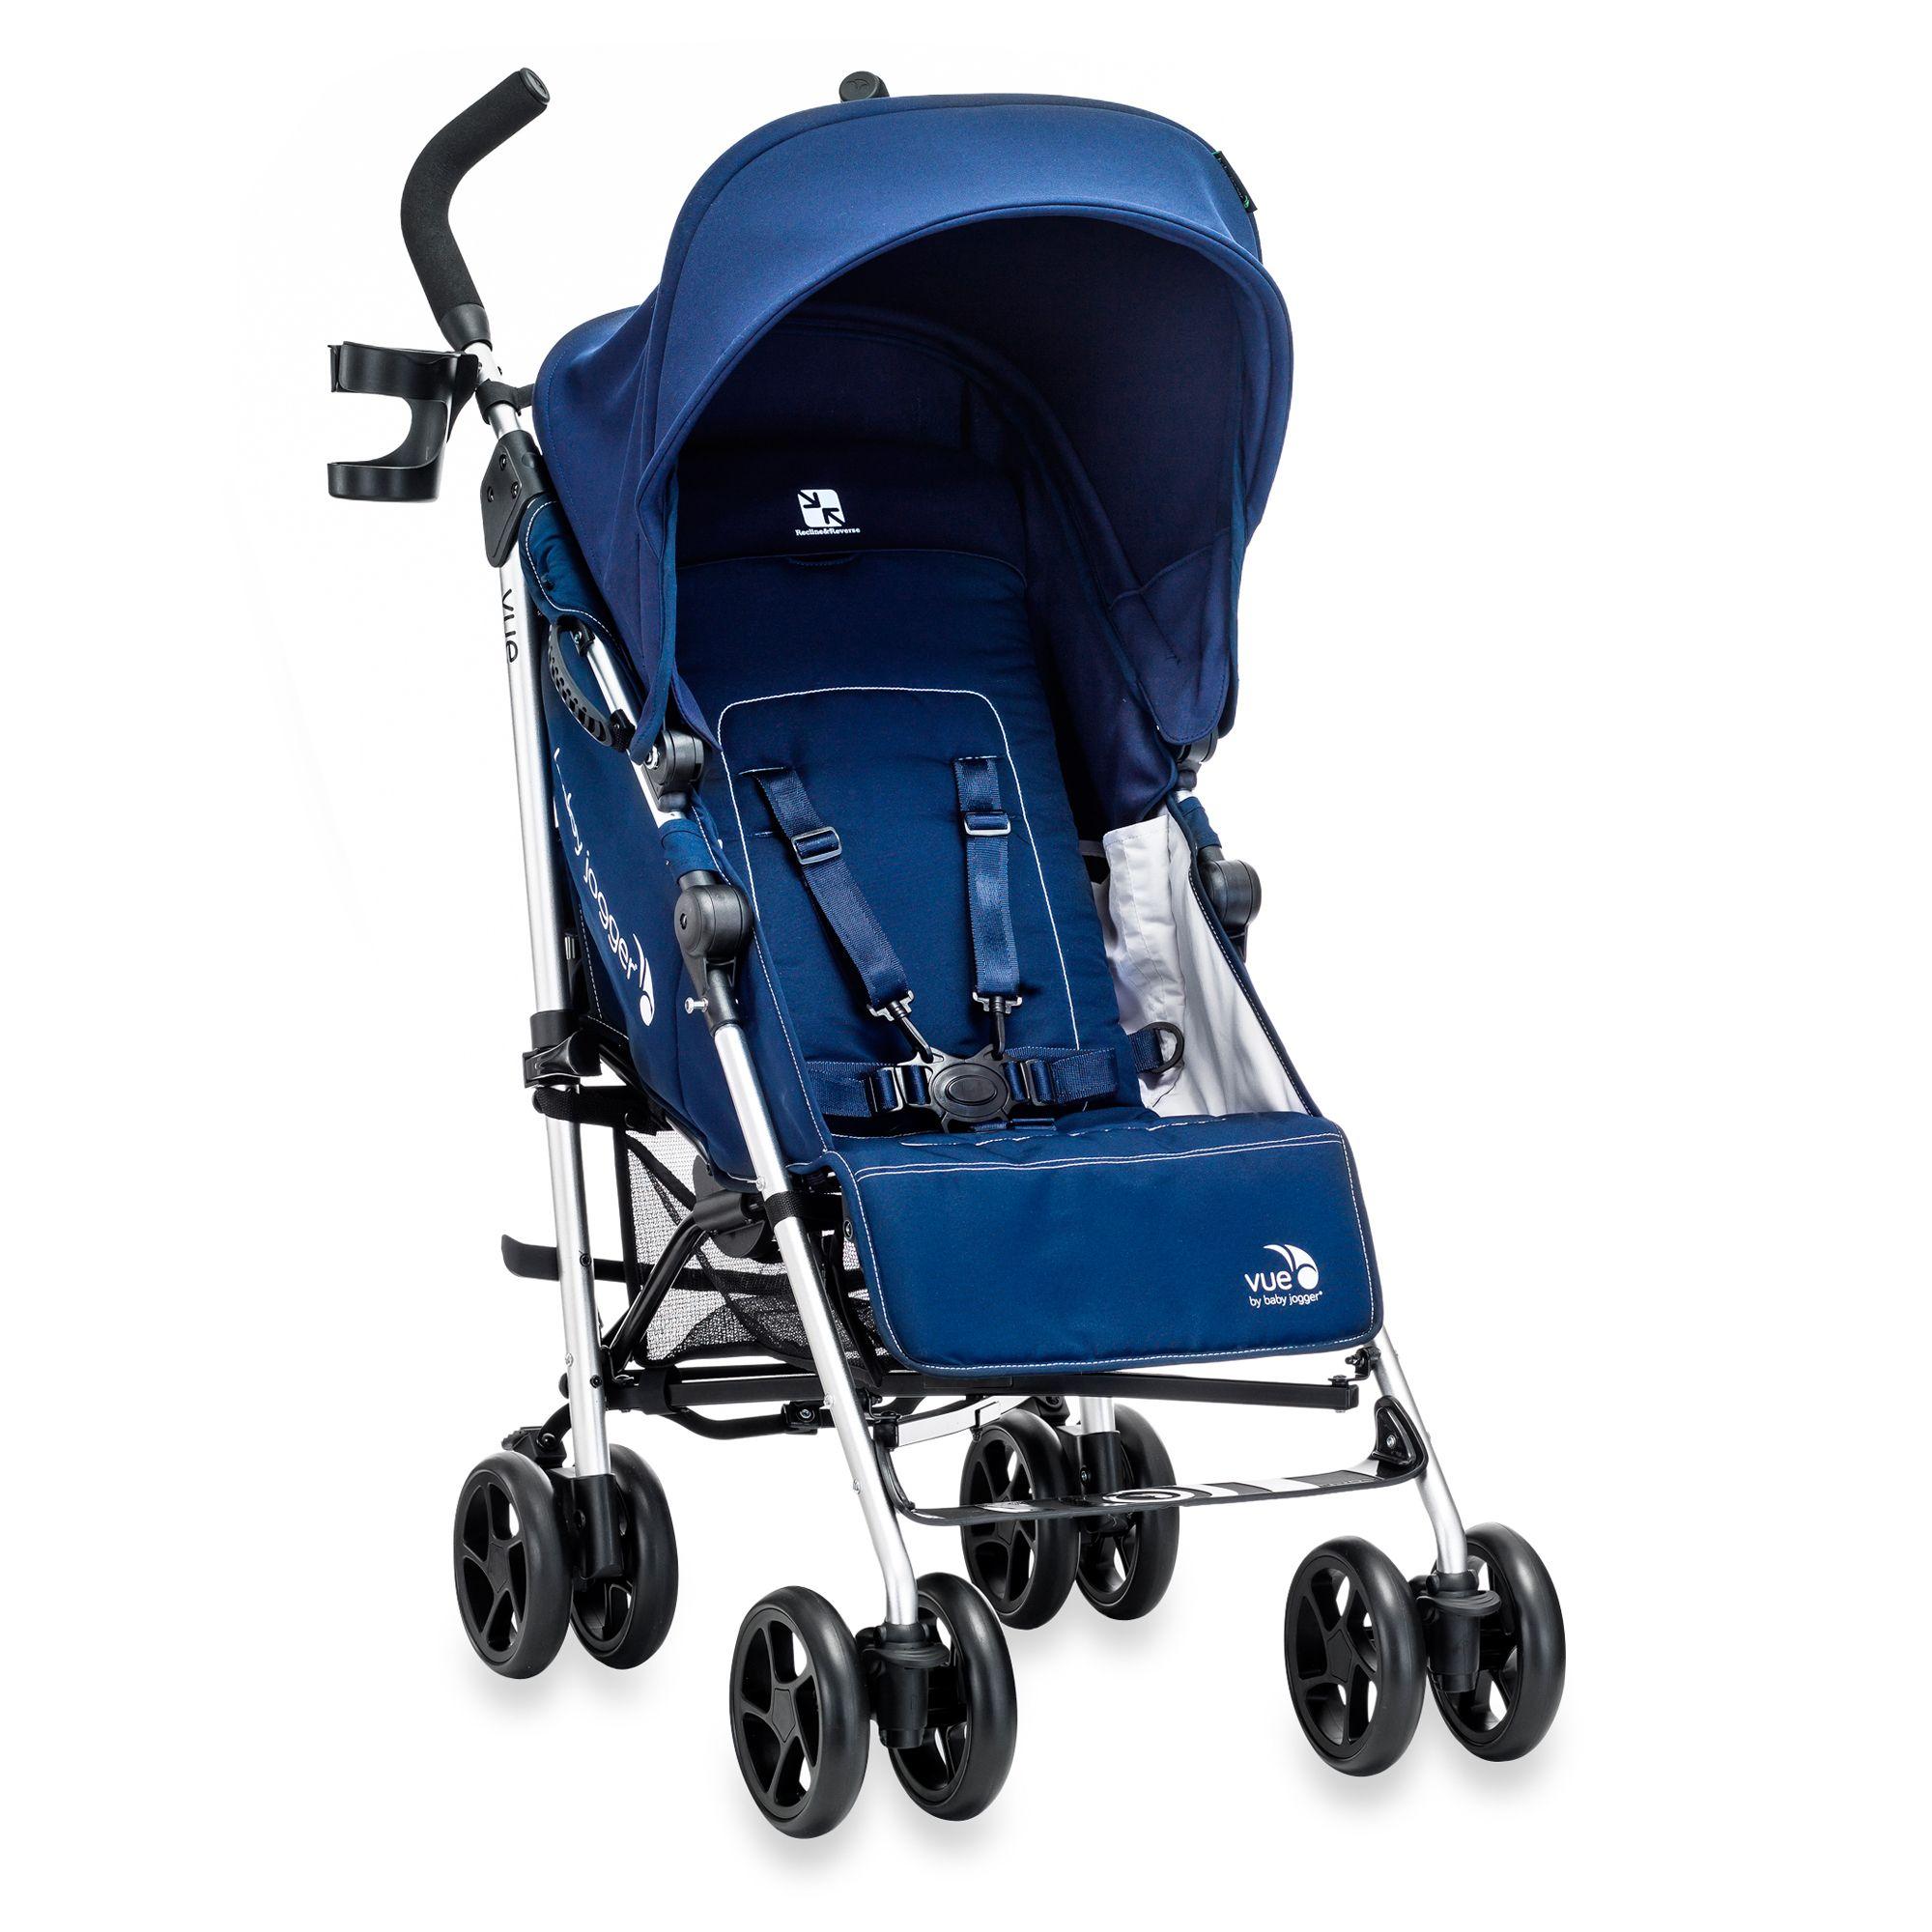 Baby Jogger® Vue? Stroller in Navy